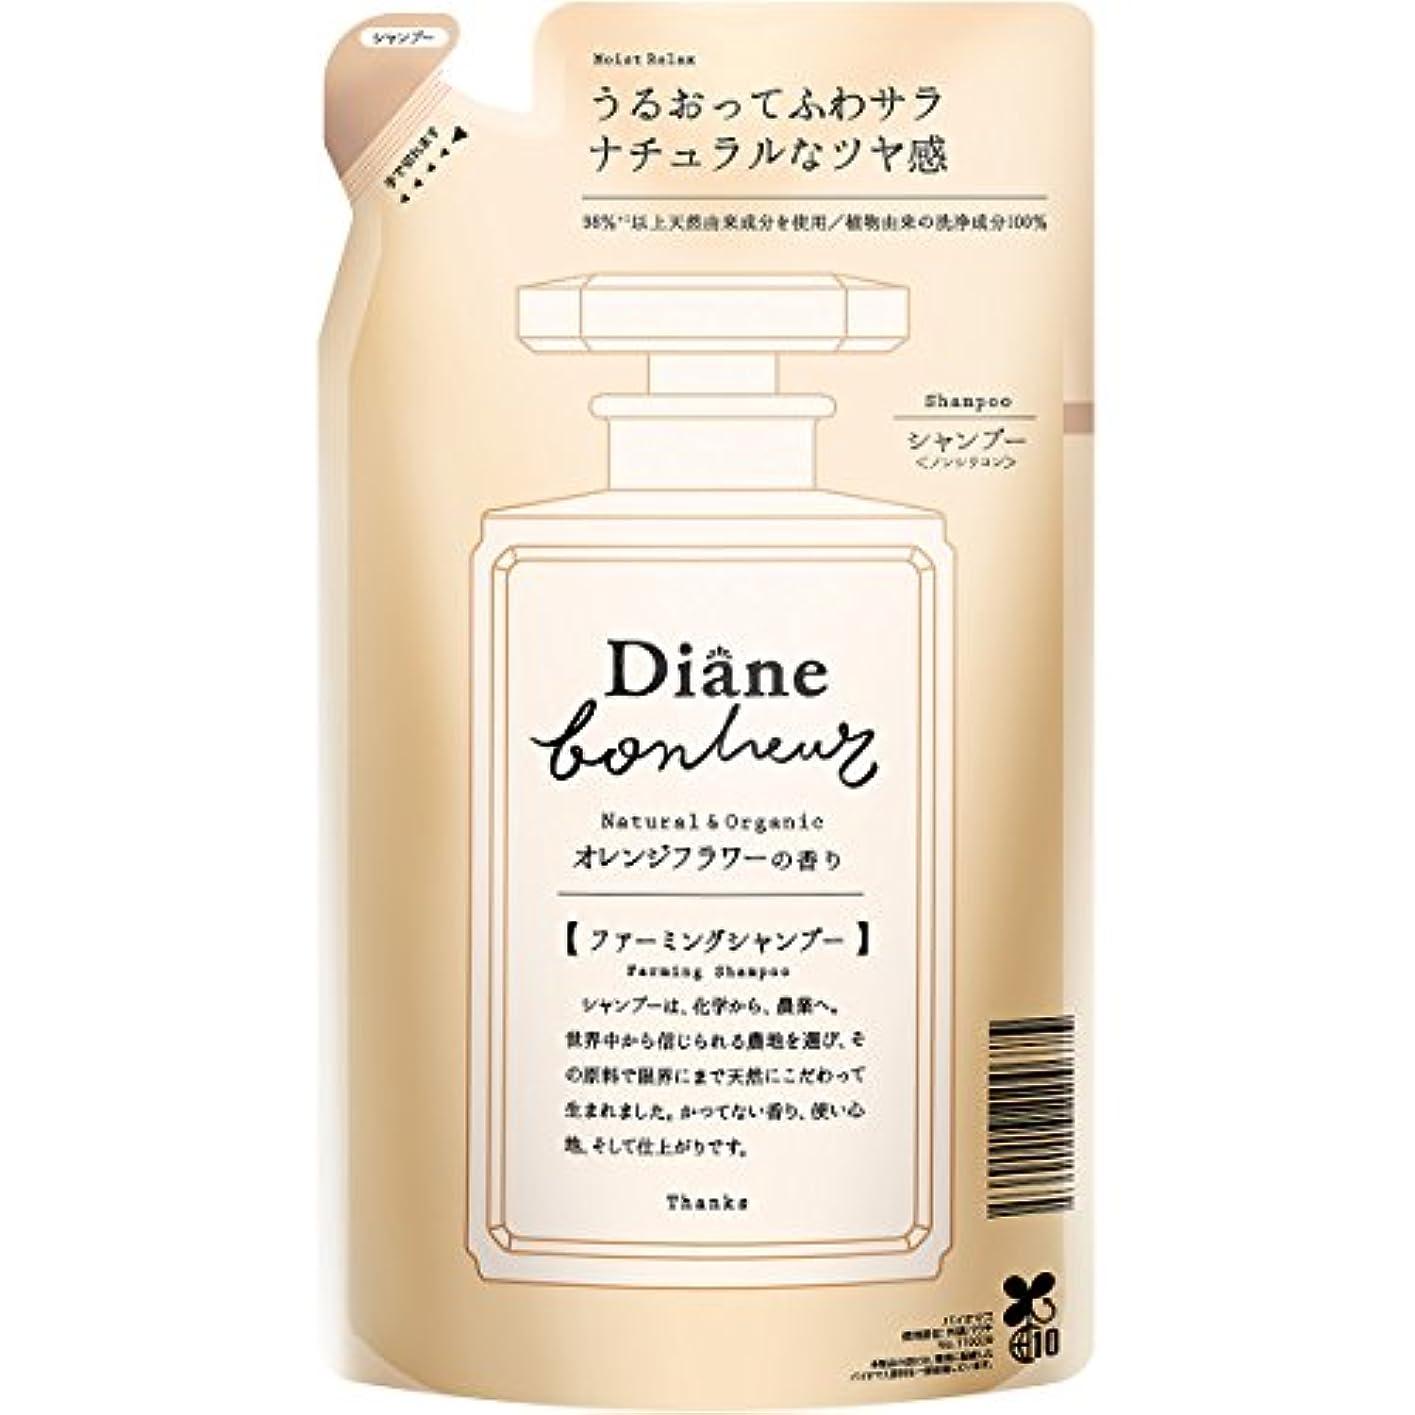 自分を引き上げる辞任する枕ダイアン ボヌール オレンジフラワーの香り モイストリラックス シャンプー 詰め替え 400ml